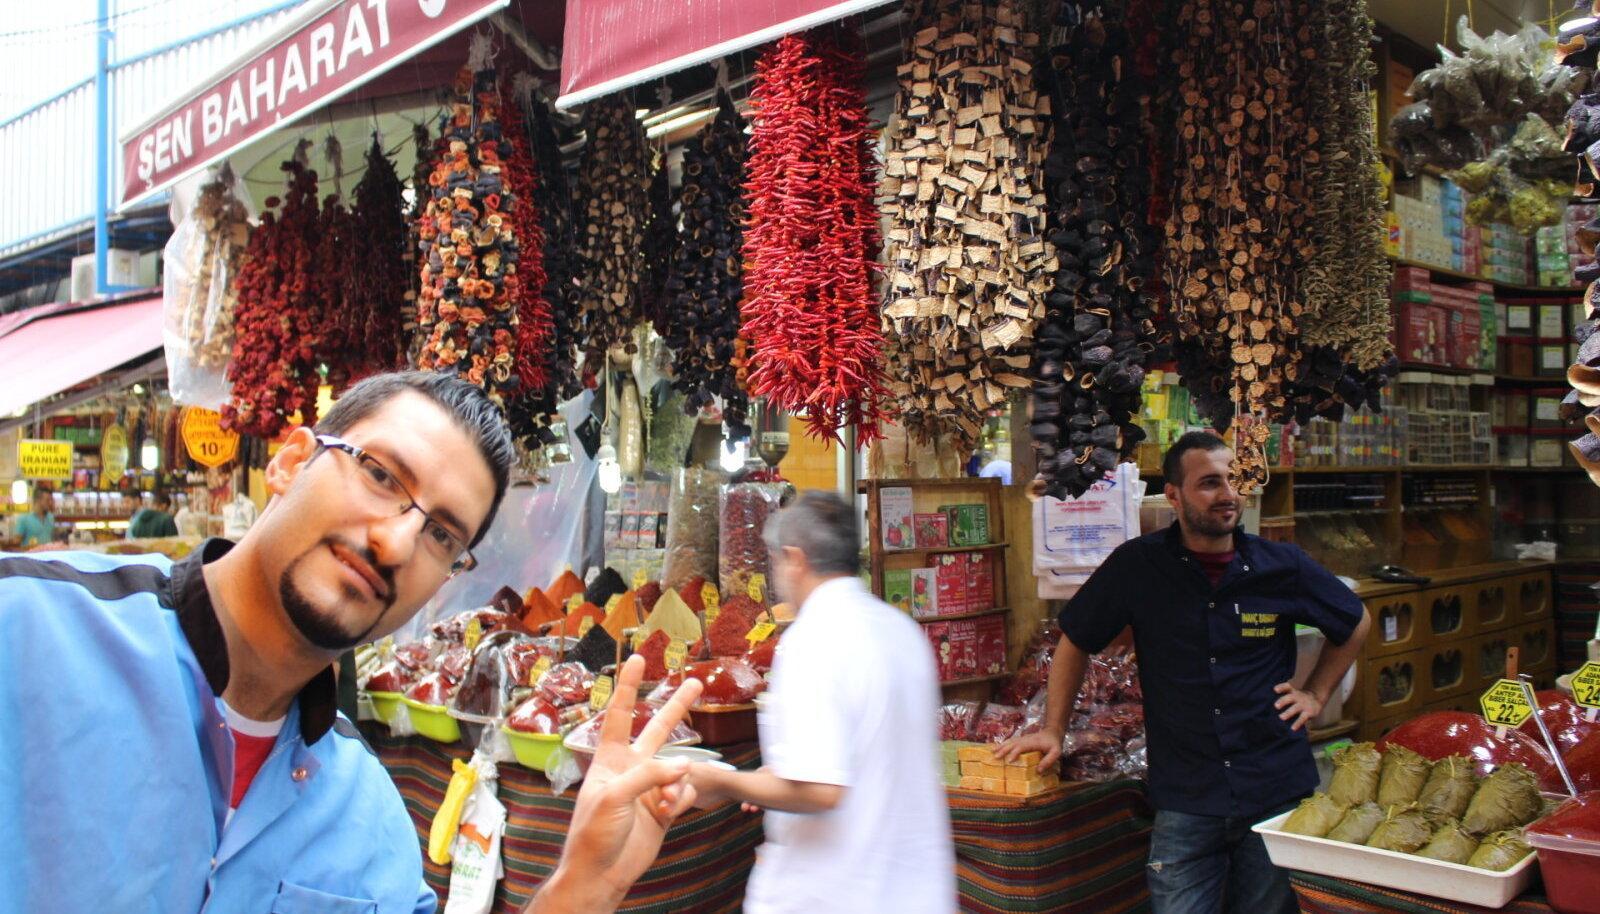 Гранд Базар в Стамбуле: торг уместен